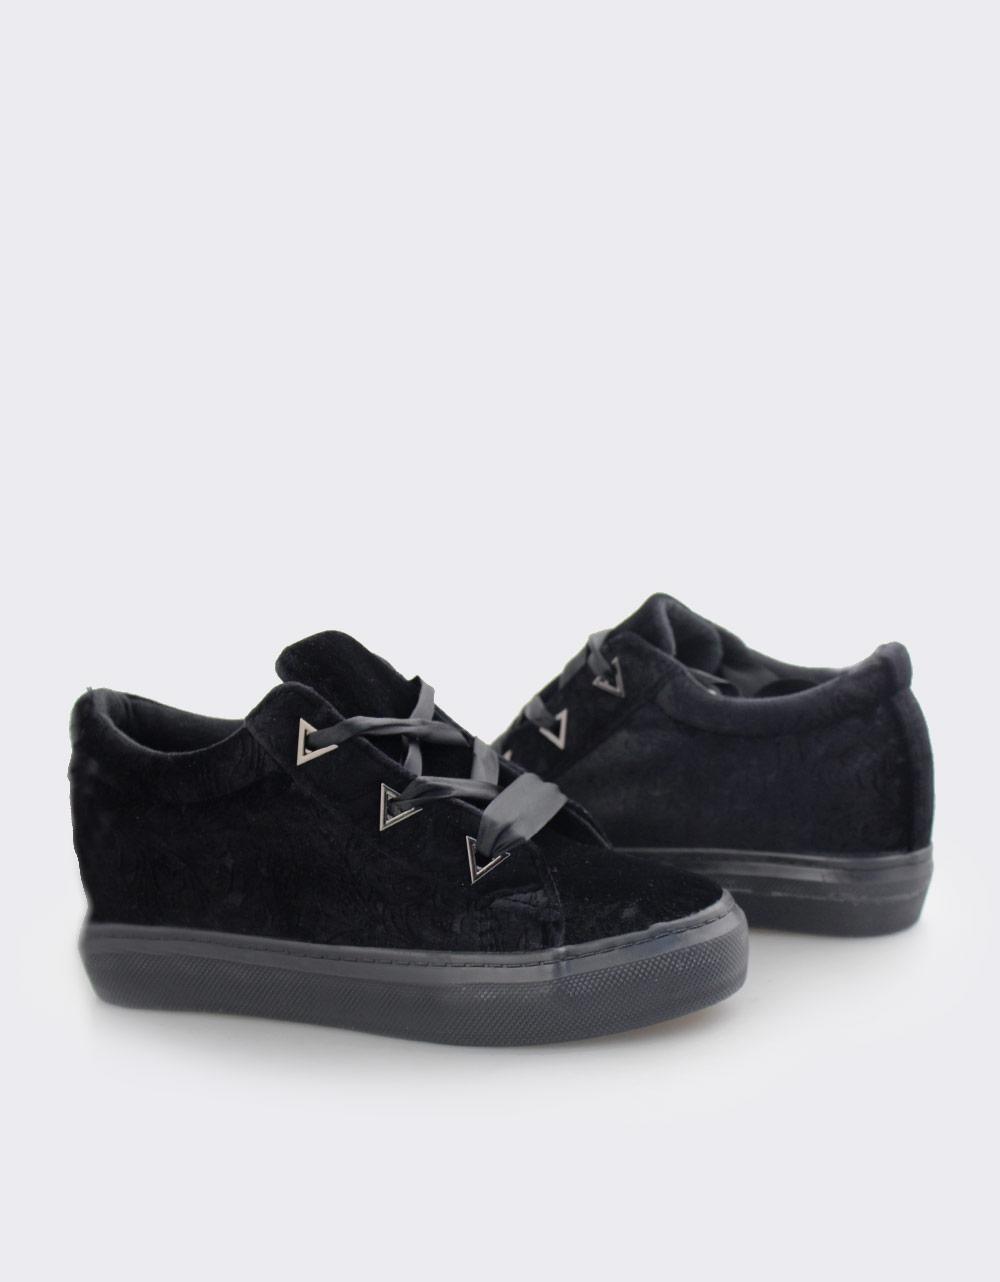 Εικόνα από Γυναικεία sneakers με ανάγλυφο σχέδιο Μαύρο